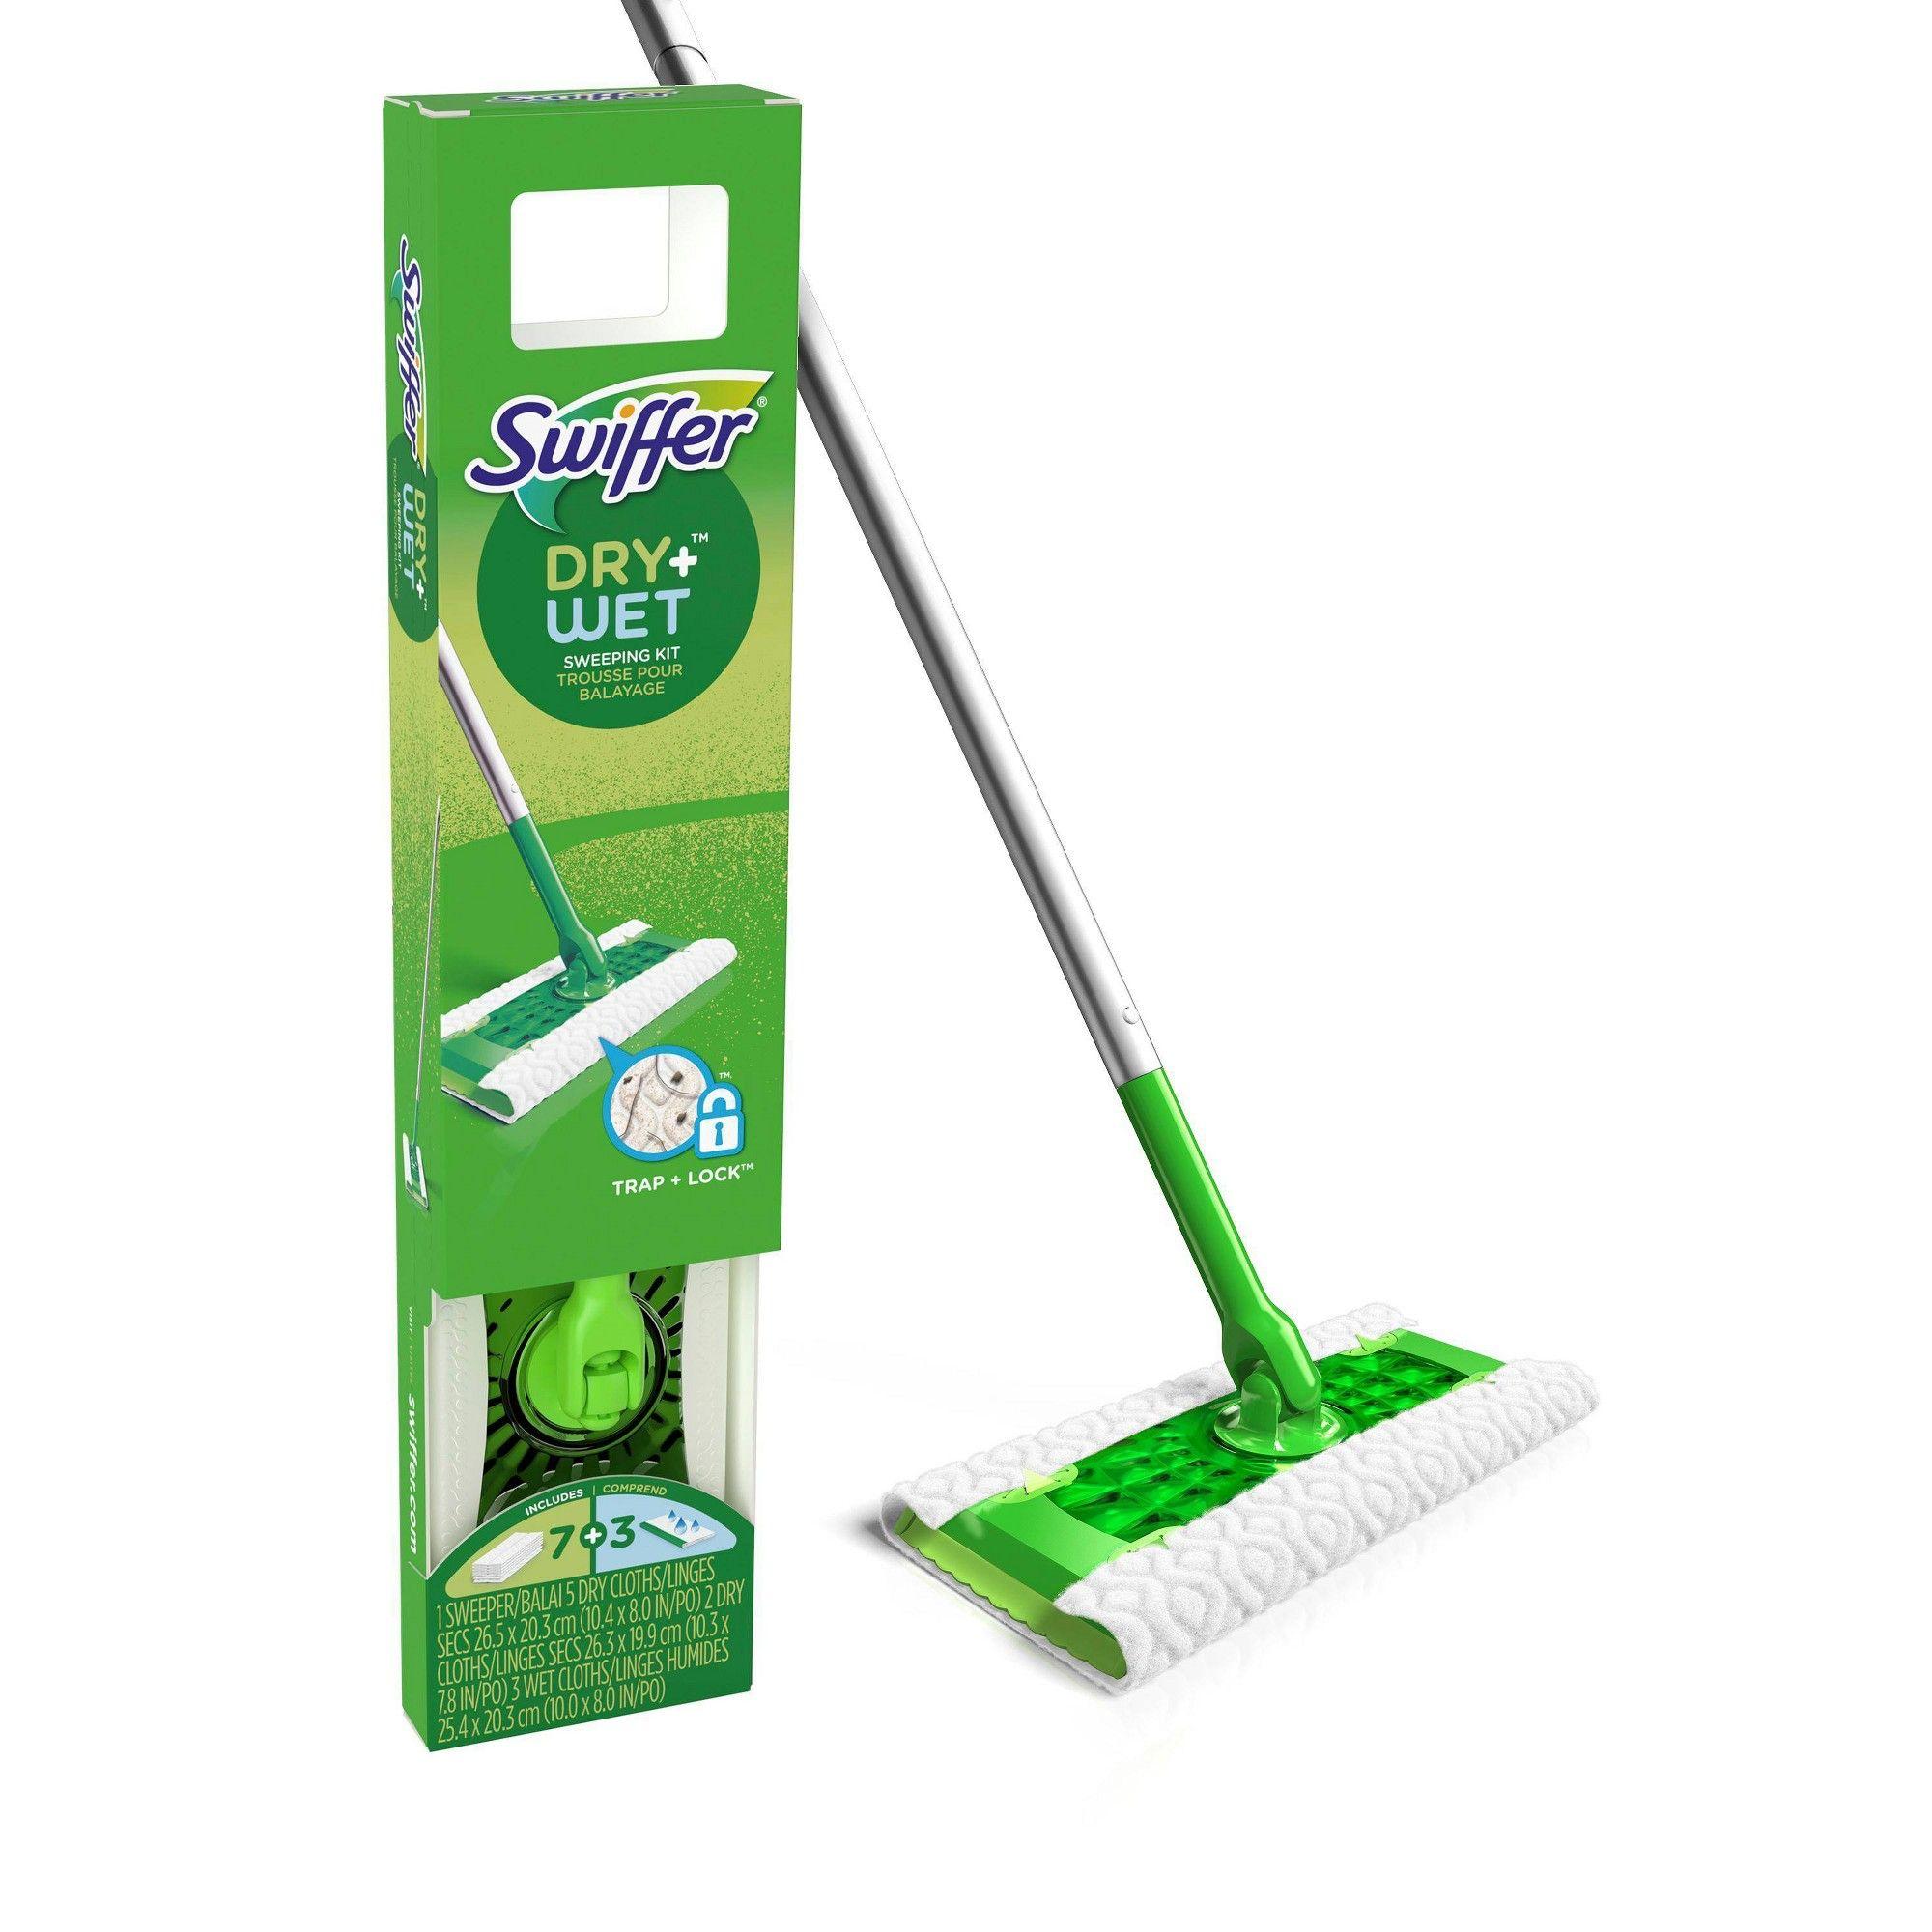 Target Floor Sweeper - Walesfootprint.org - Walesfootprint.org